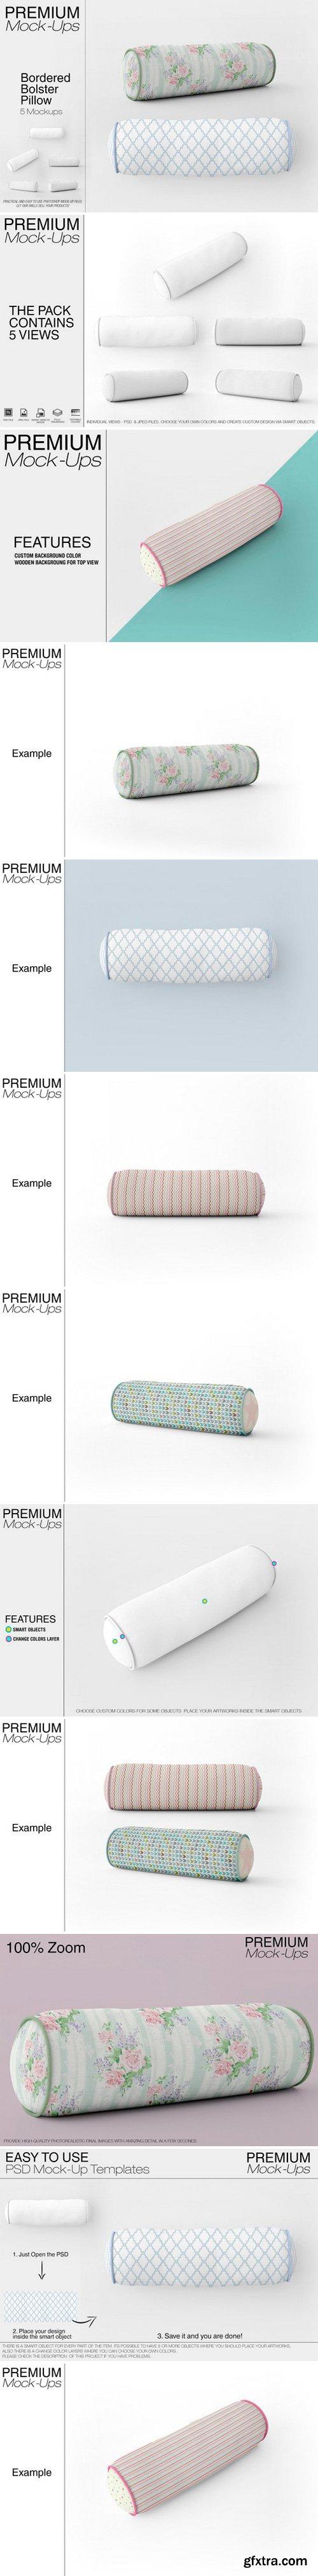 CM - Bordered Bolster Pillow Mockup Pack 2542085